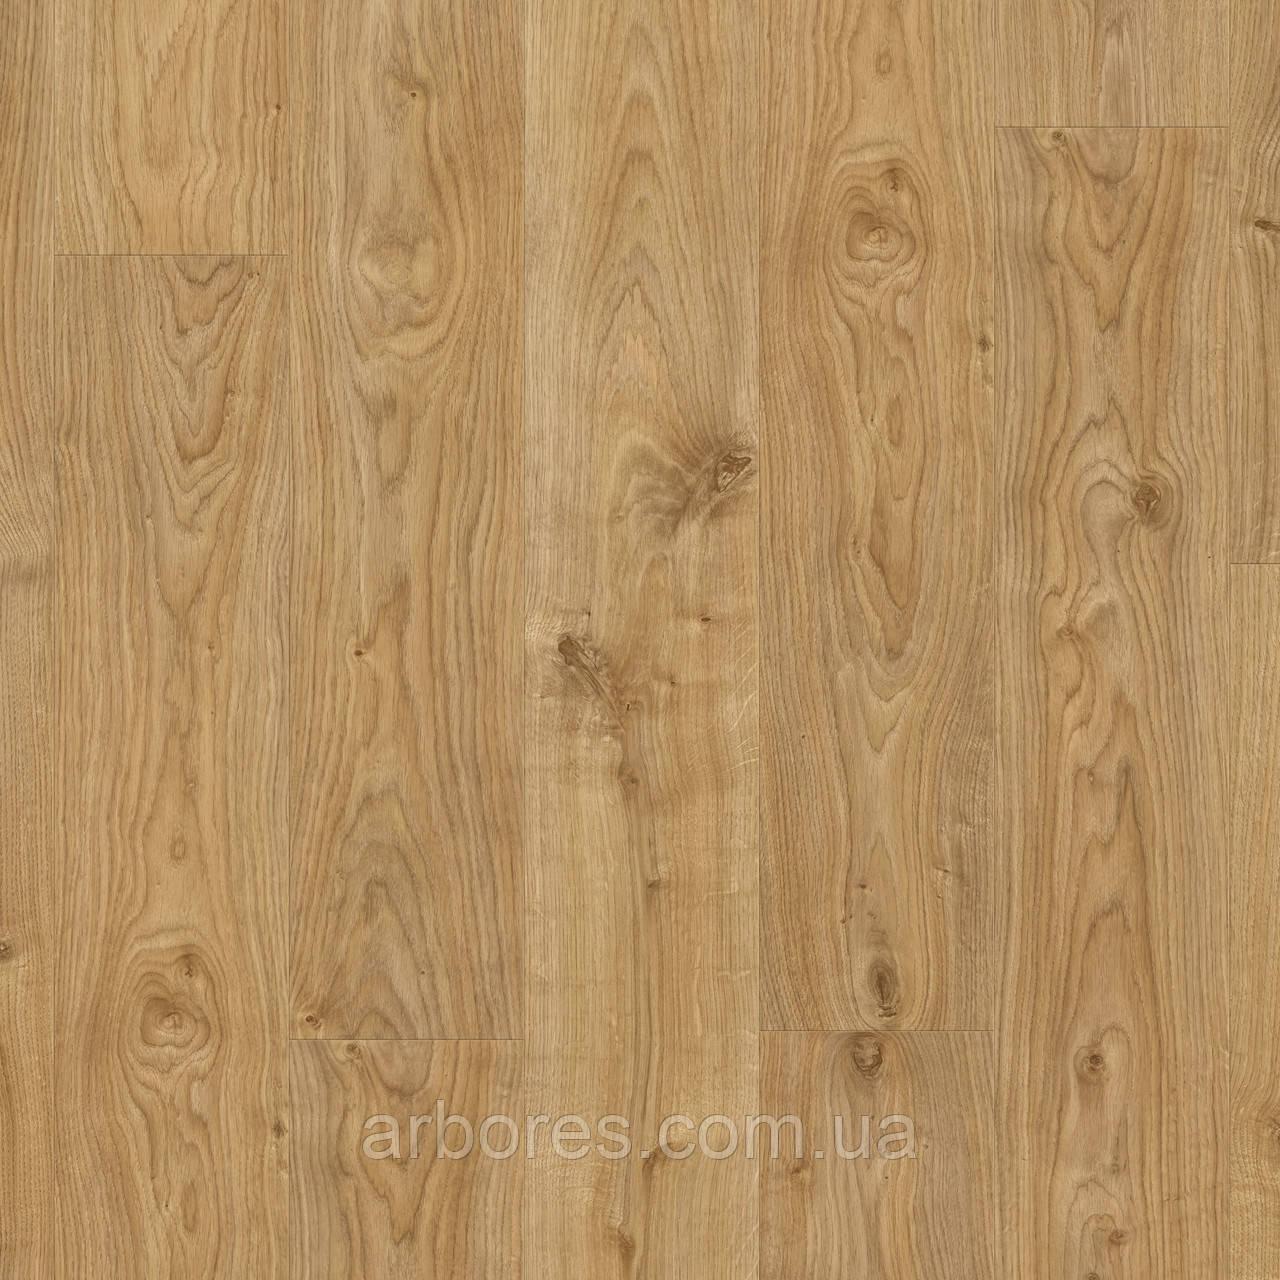 Виниловая плитка Quick-Step Livyn Balance Click BACL40025 Дуб коттедж натуральный, фото 1